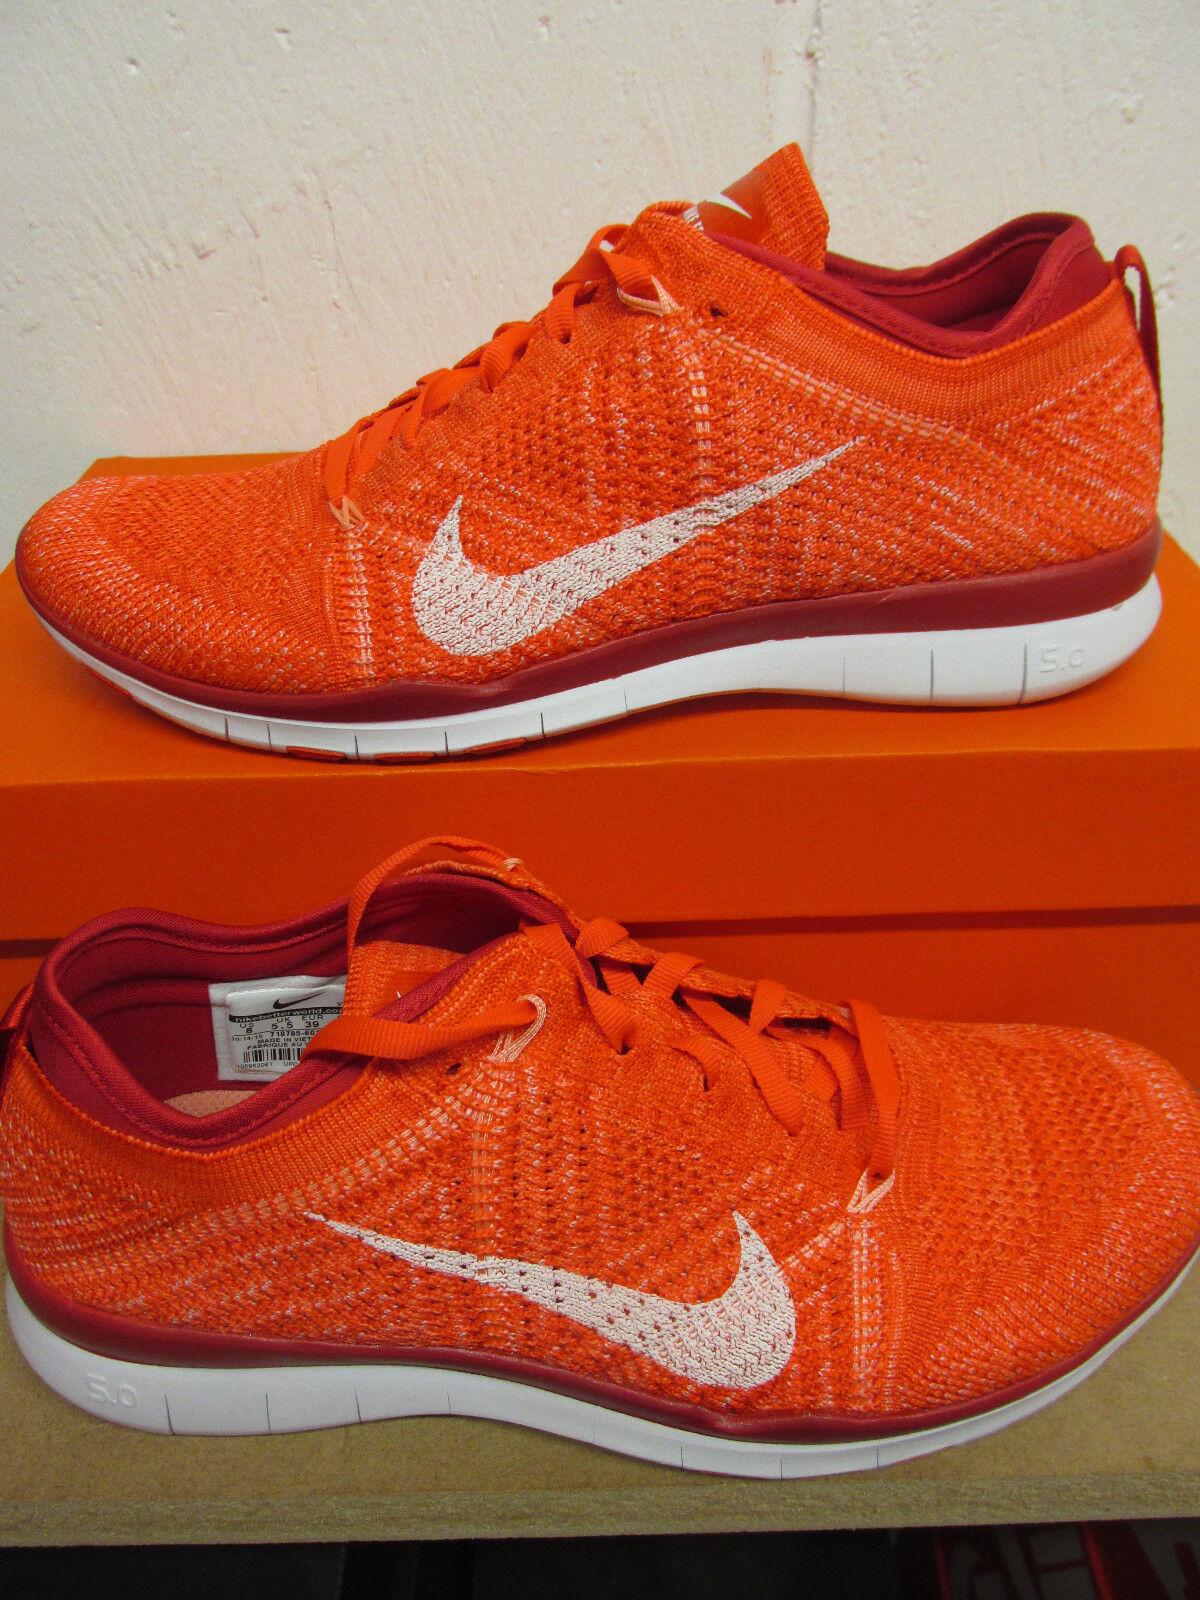 Nike Donna Free Tr Flyknit Scarpe da Corsa 718785 601 Scarpe da Tennis